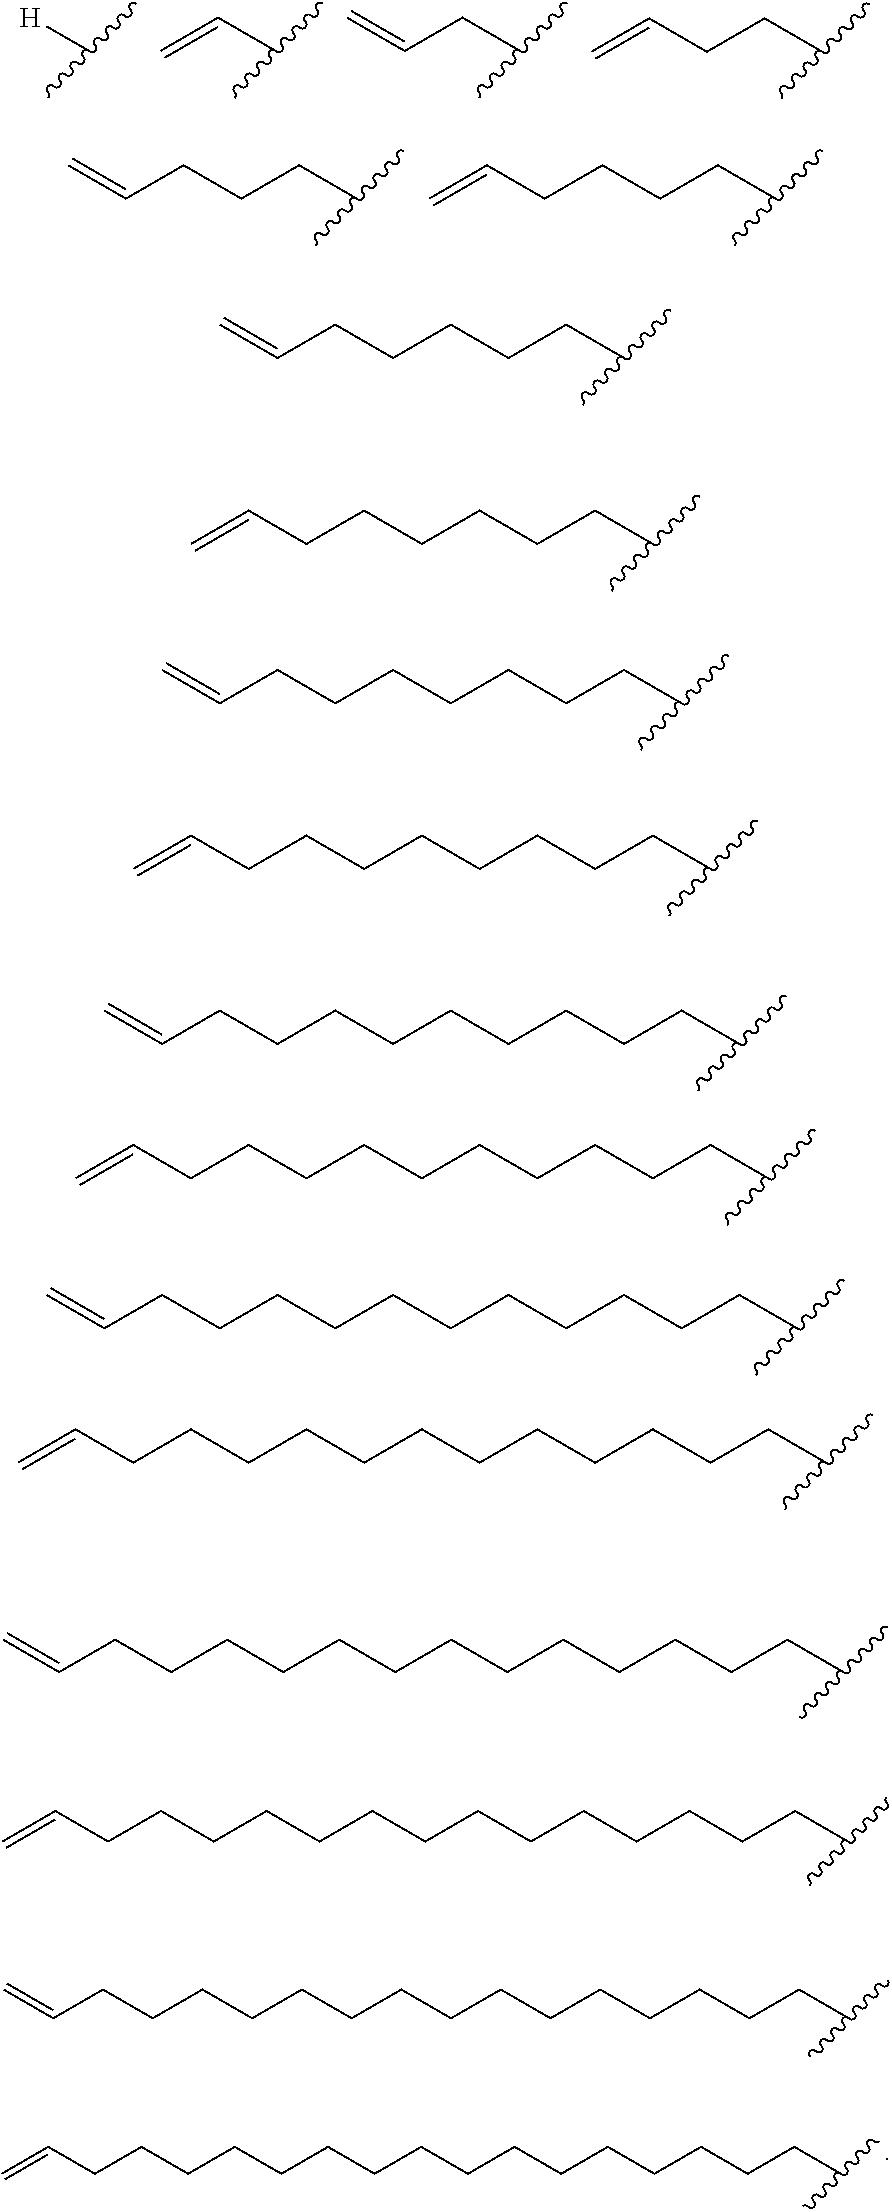 Figure US09193827-20151124-C00024